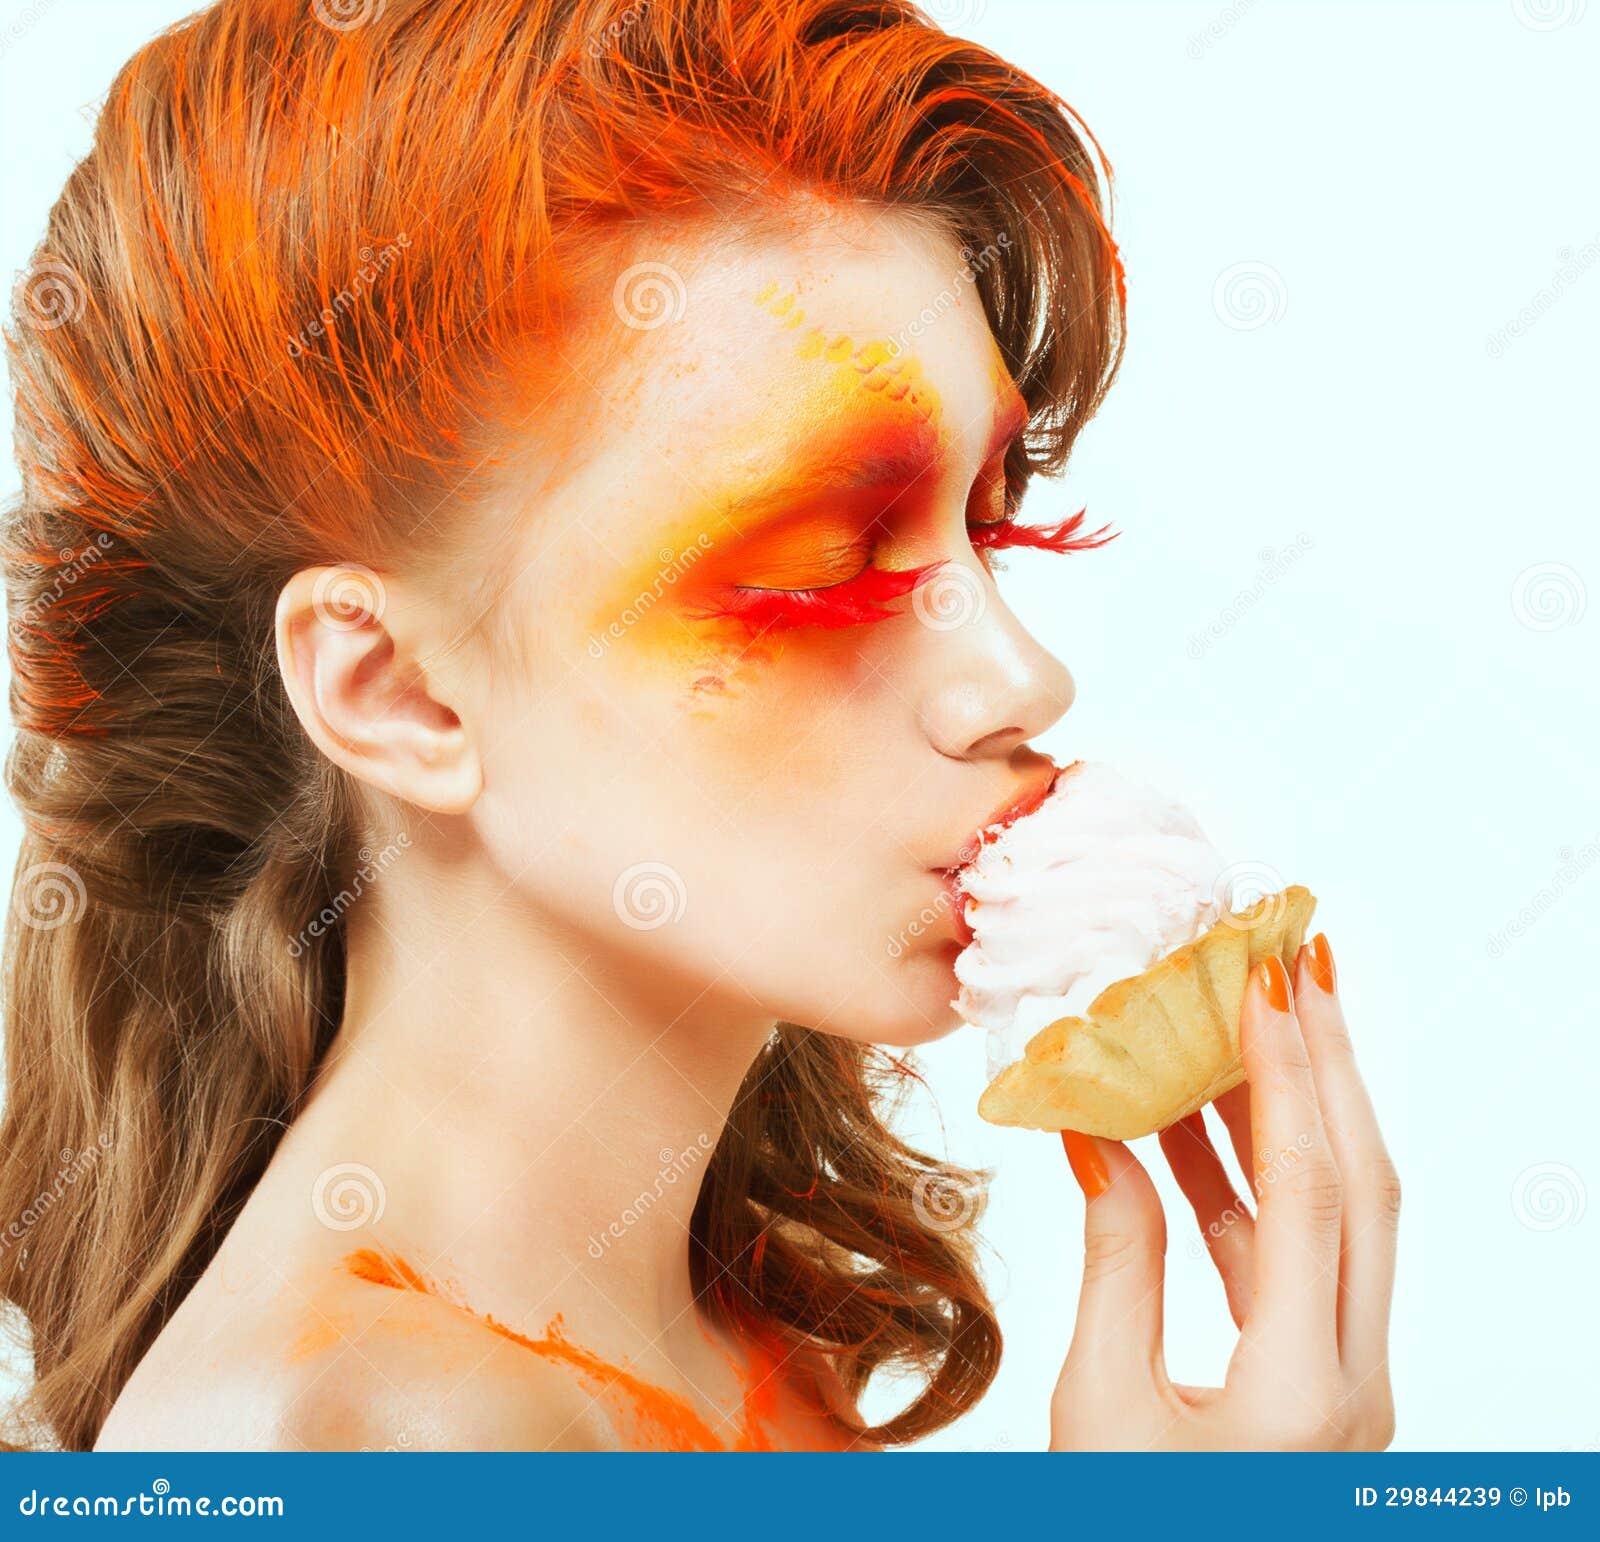 Colorir. Faculdade criadora. Perfil da mulher Vermelho-de cabelo que come um bolo com creme. Core